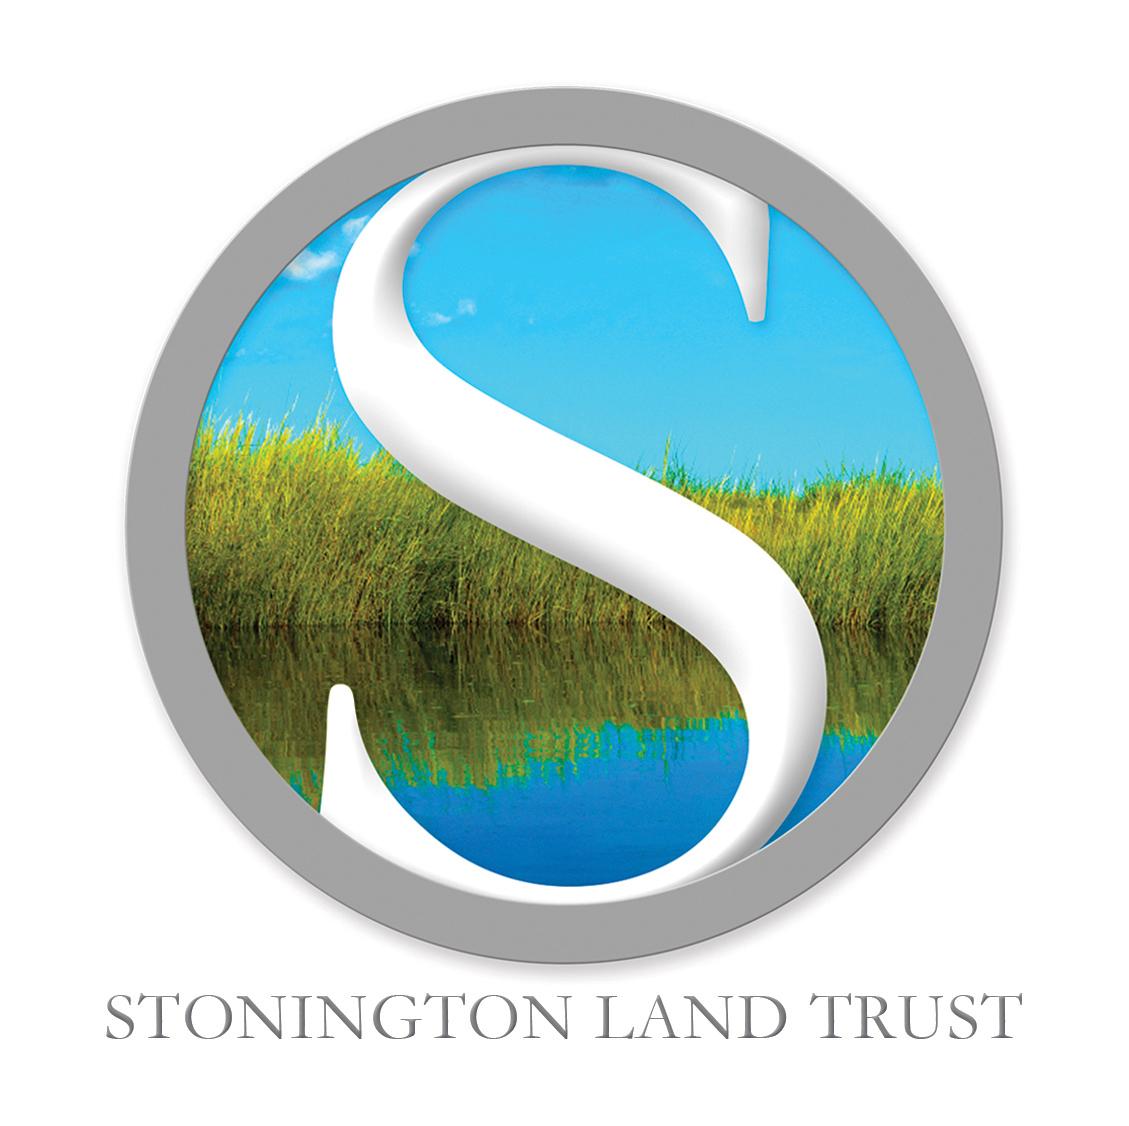 SLT+sticker+logo+for+design+portfloio.jpg